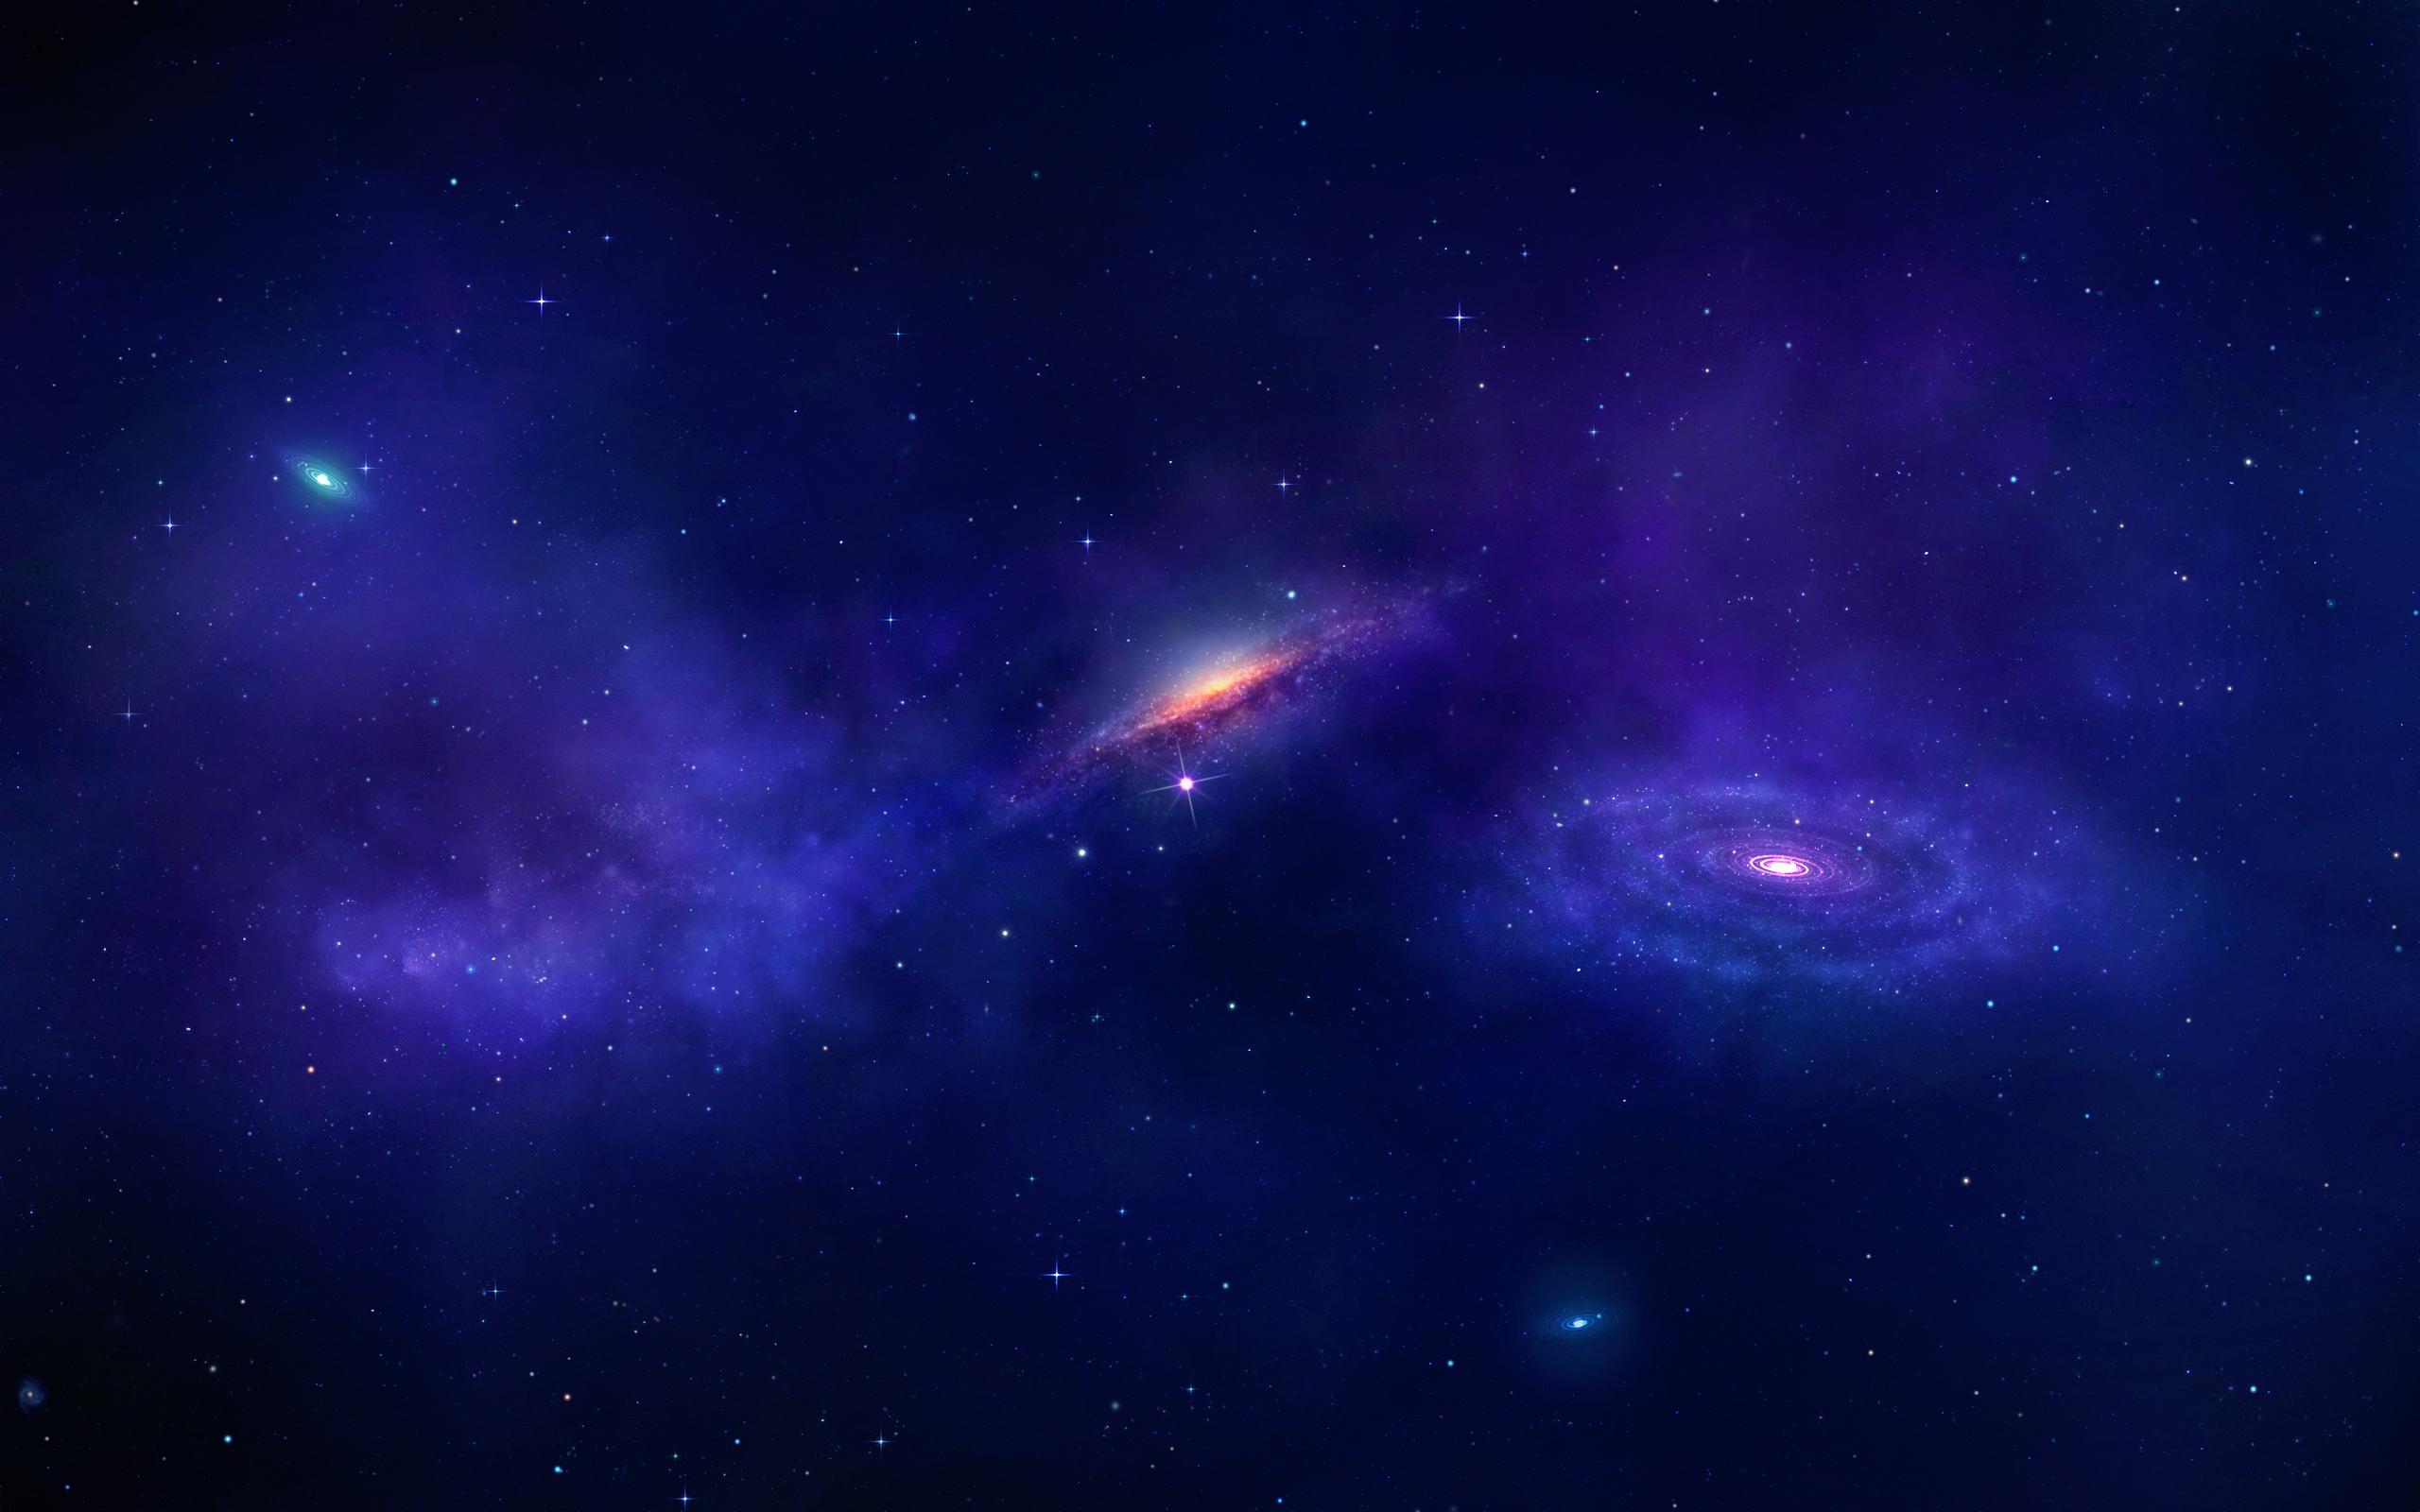 Sci Fi - Galaxy  Nebula Stars Universe Space Wallpaper